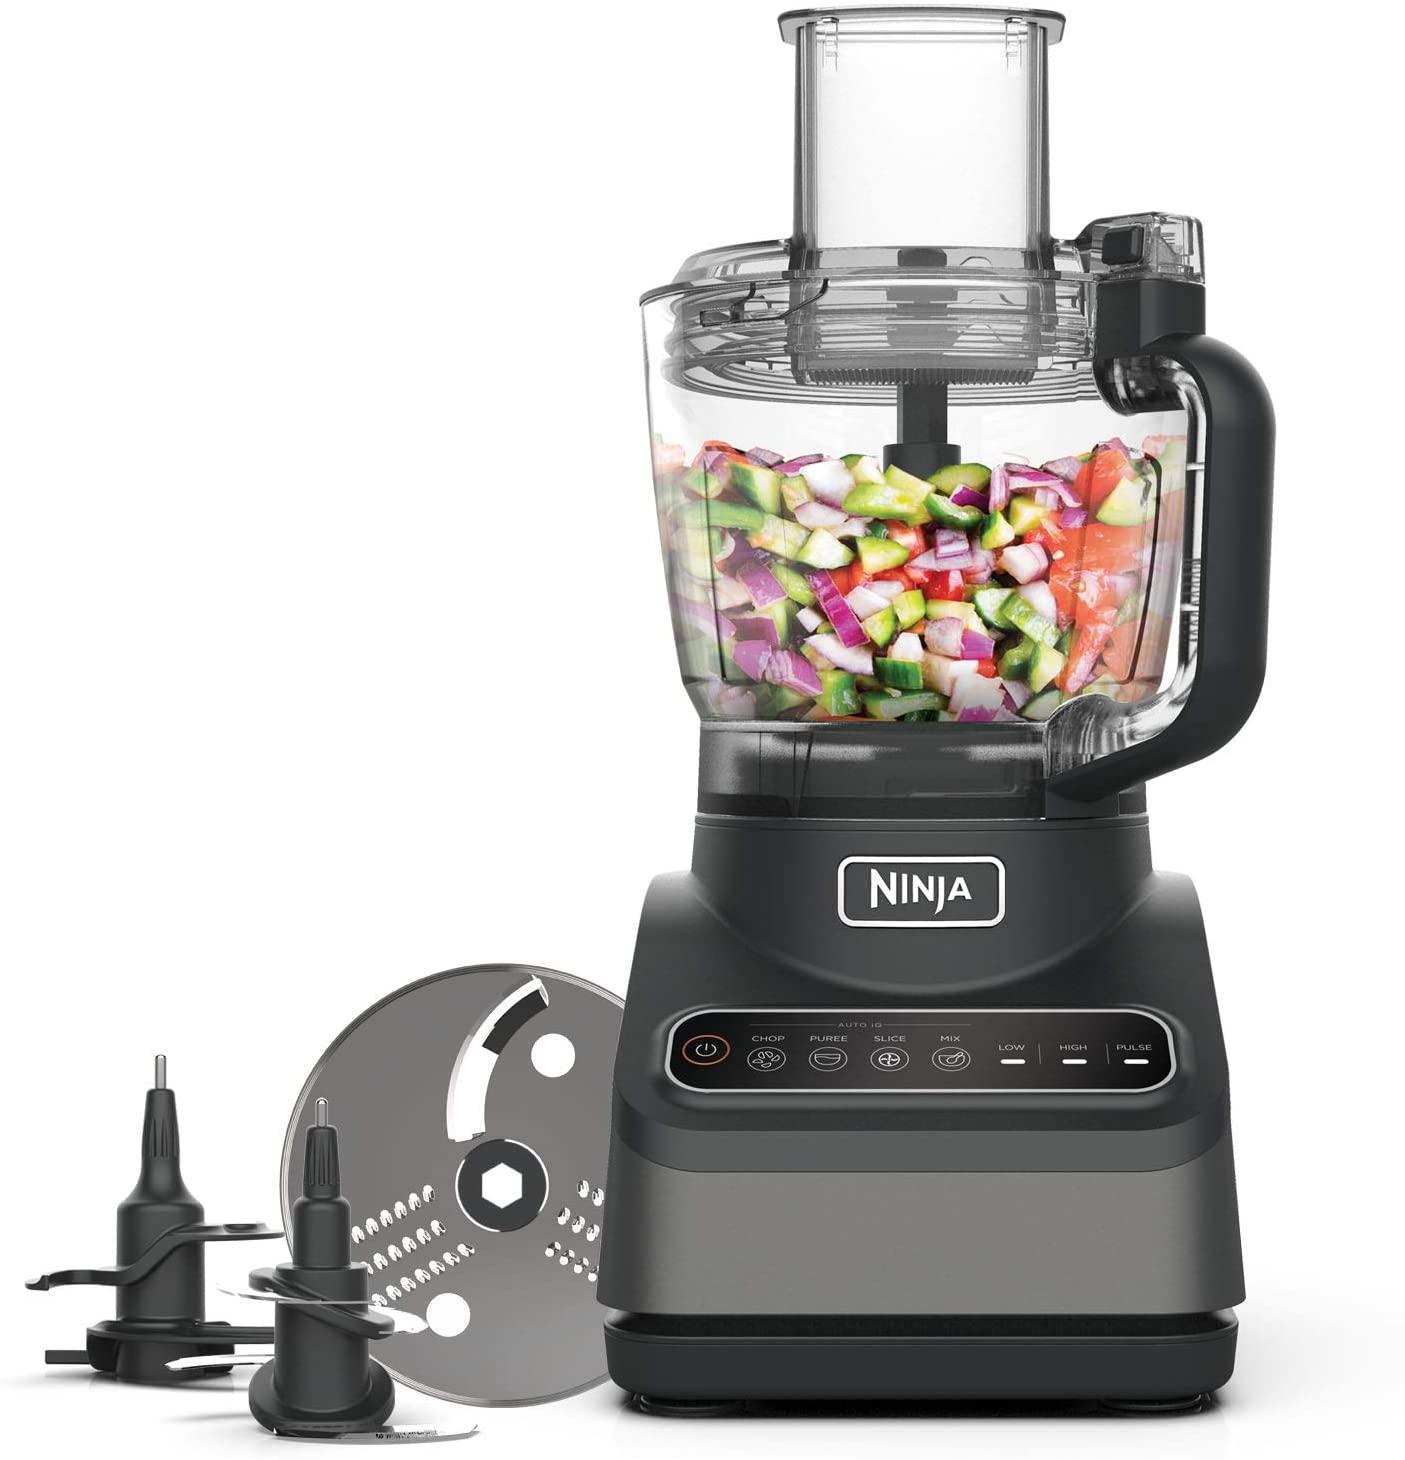 Ninja Food Processor with Auto-iQ [BN650UK] 850W - £79.99 @ Amazon